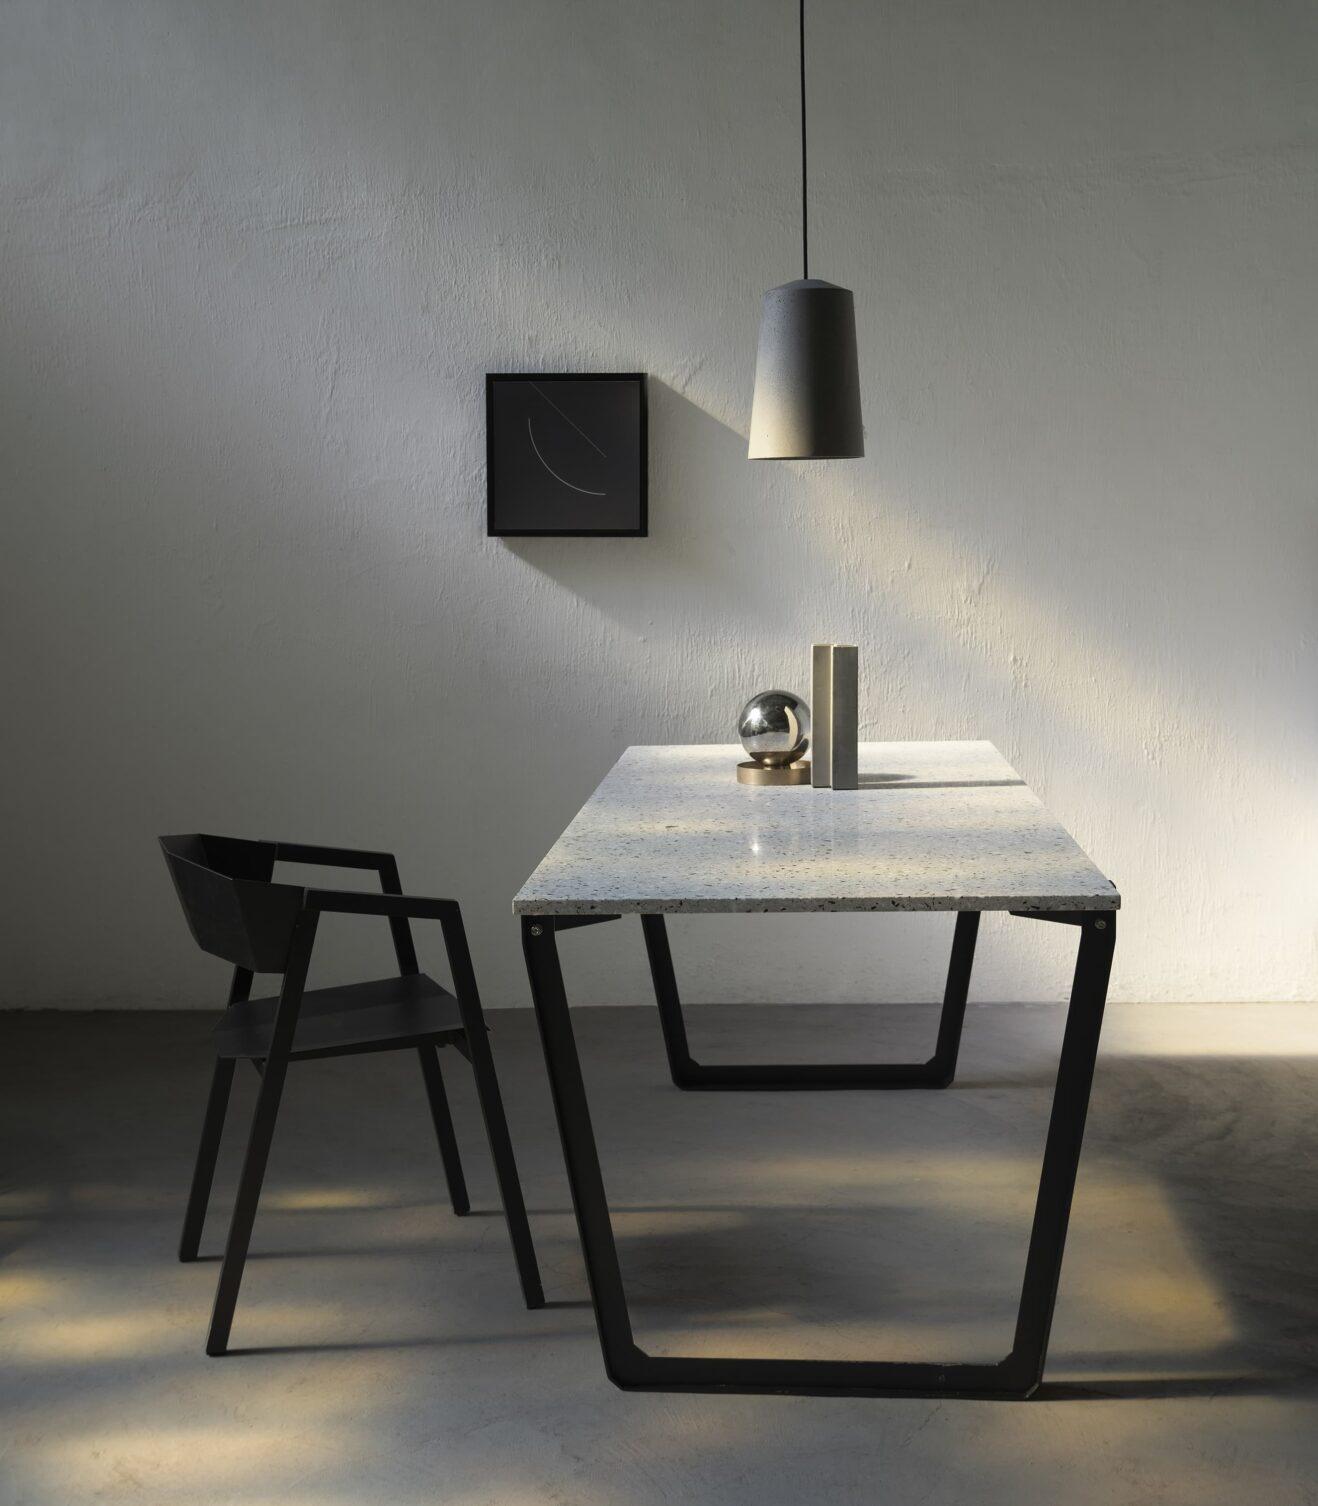 Nian-terrazzo-table-bentu-design3